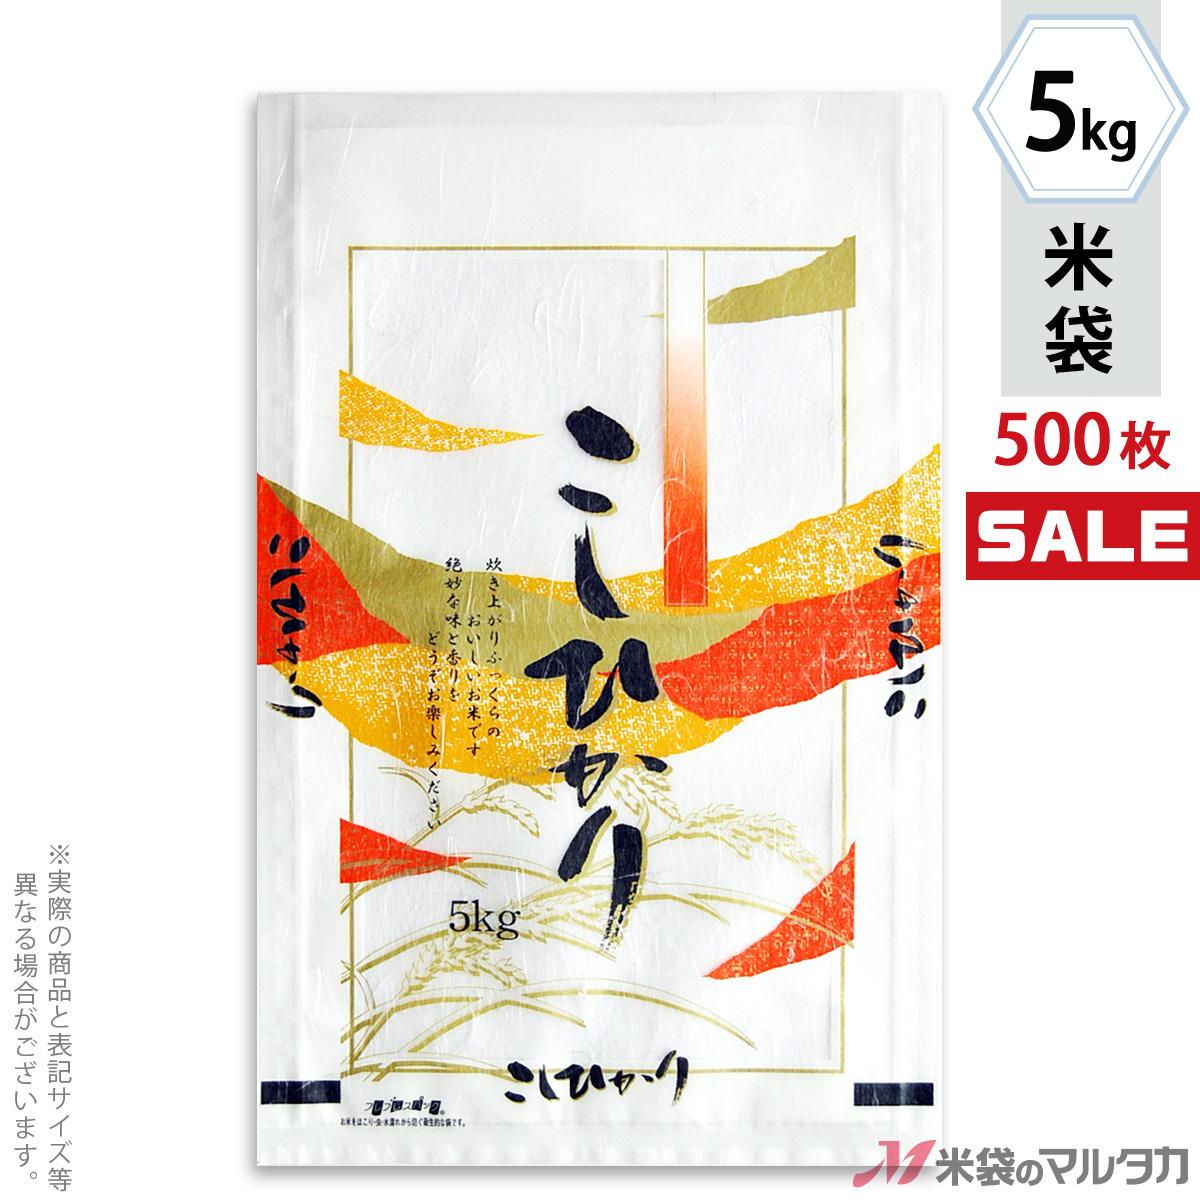 【楽天ランキング1位】 <キャンペーン対応>米袋 フレブレス 雲龍和紙 フレブレス 5kg こしひかり MK-0840 錦 5kg 1ケース(500枚入) MK-0840, くらしのeショップ:a1ad1cf9 --- kventurepartners.sakura.ne.jp